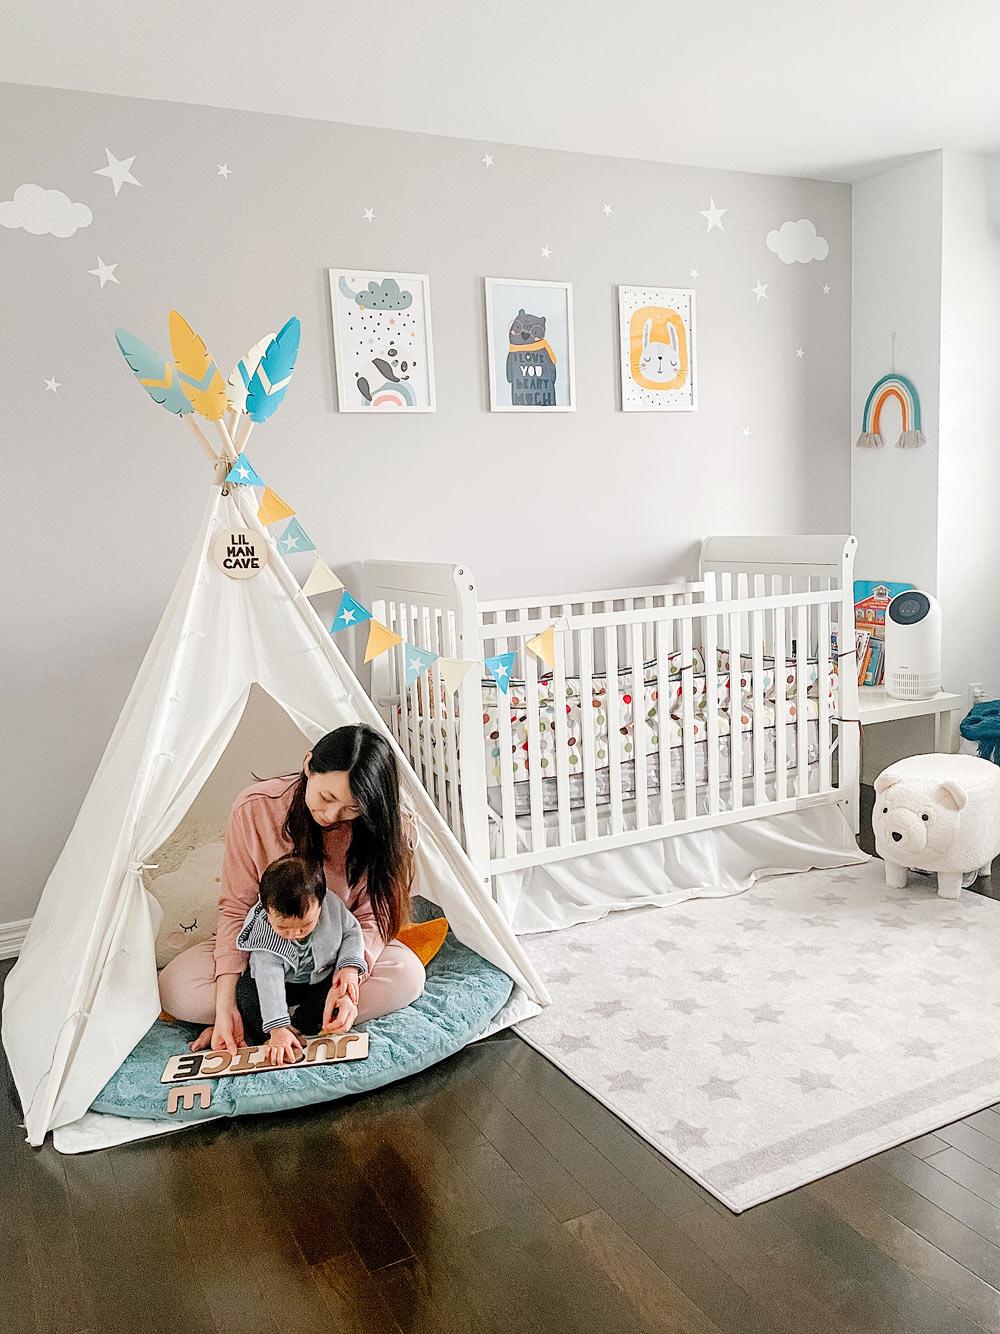 Nursery Room Update! (DIY Teepee Decorations)